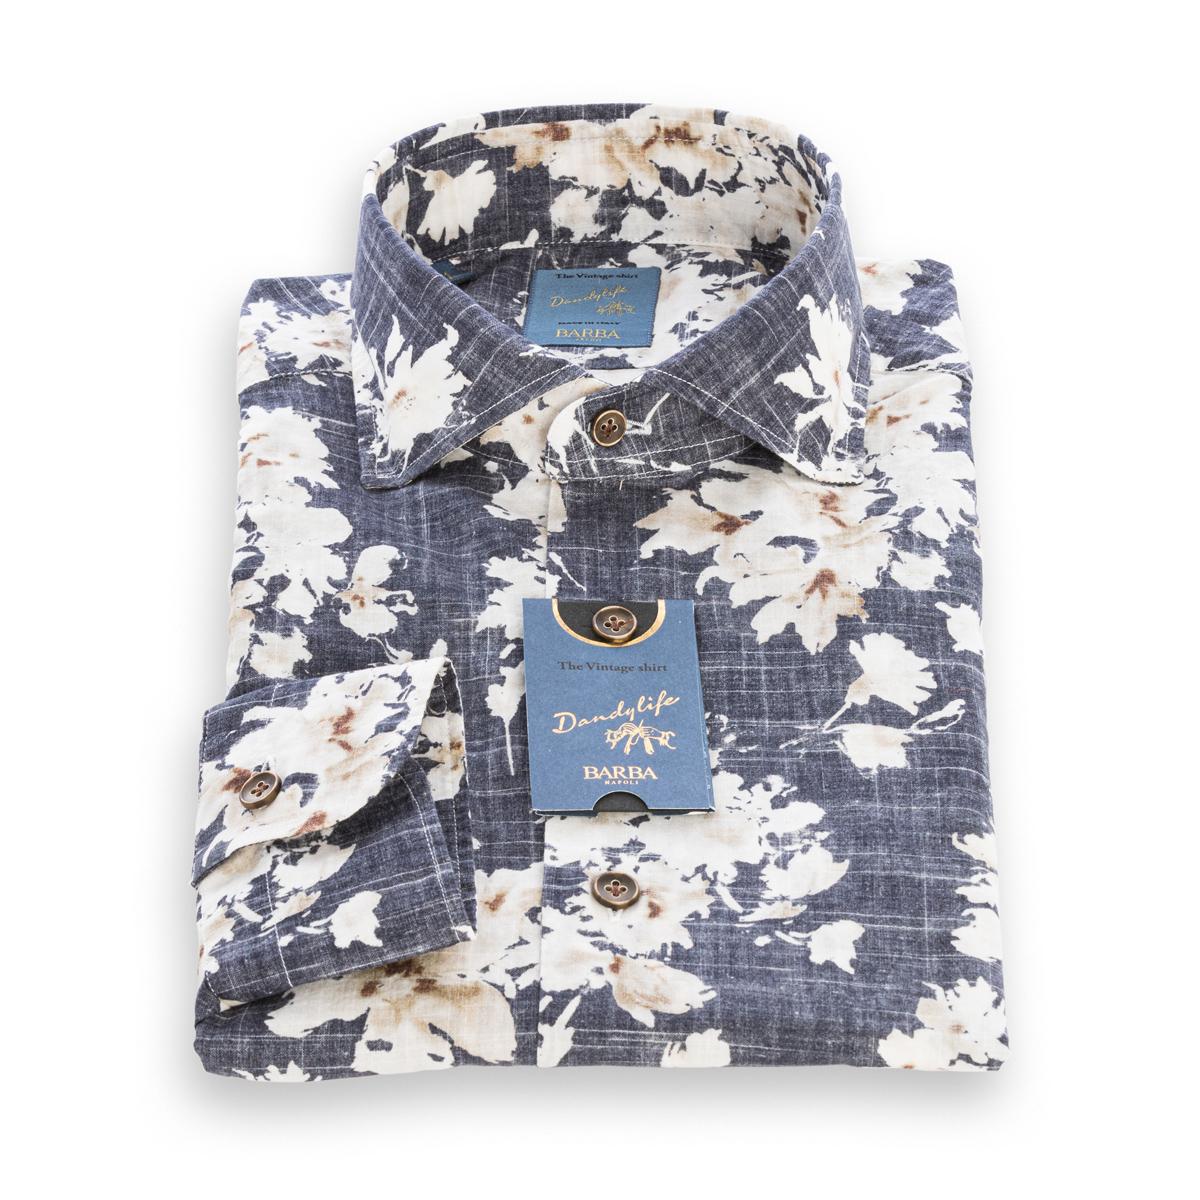 Camicia Barba DandyLife stampa floreale nei toni del Blu e Sabbia